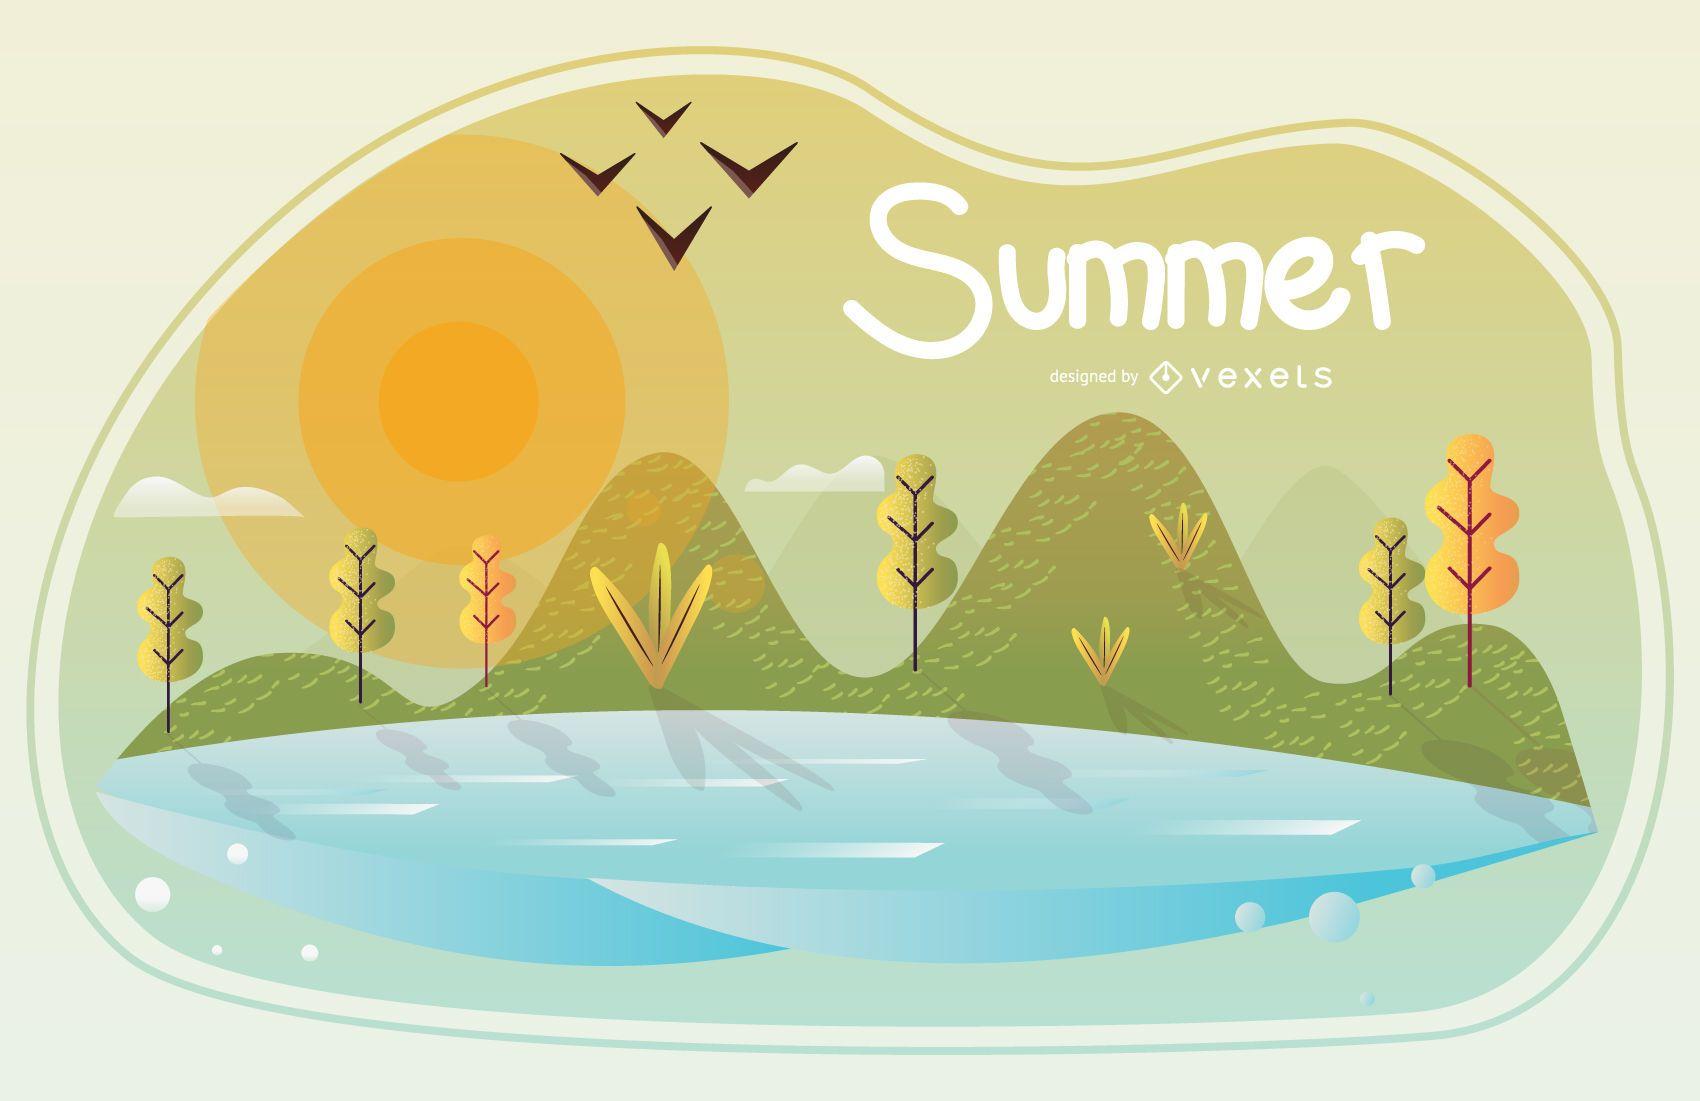 Summer season illustration